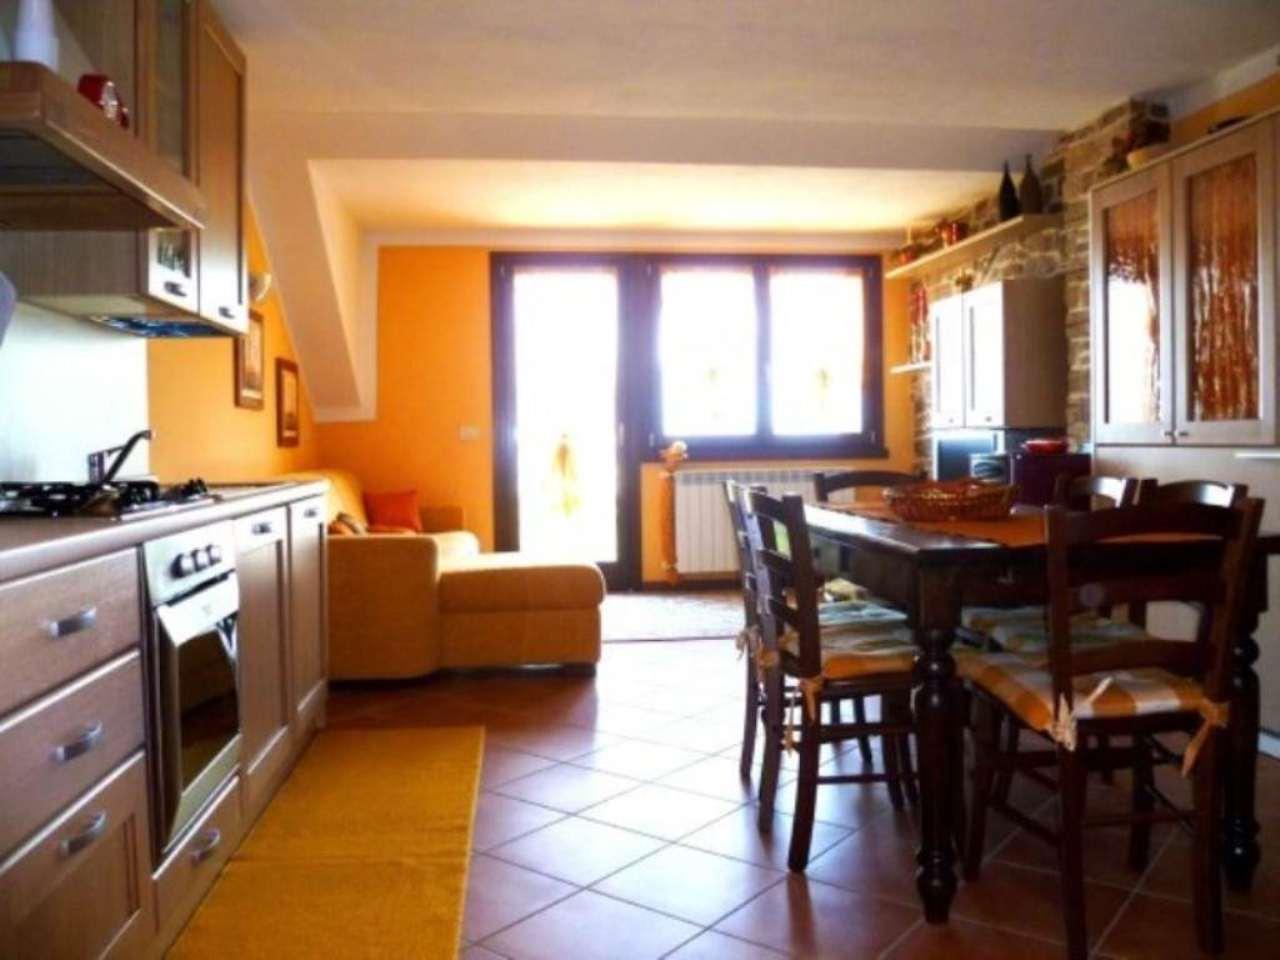 Appartamento in vendita a Artogne, 2 locali, prezzo € 150.000 | CambioCasa.it